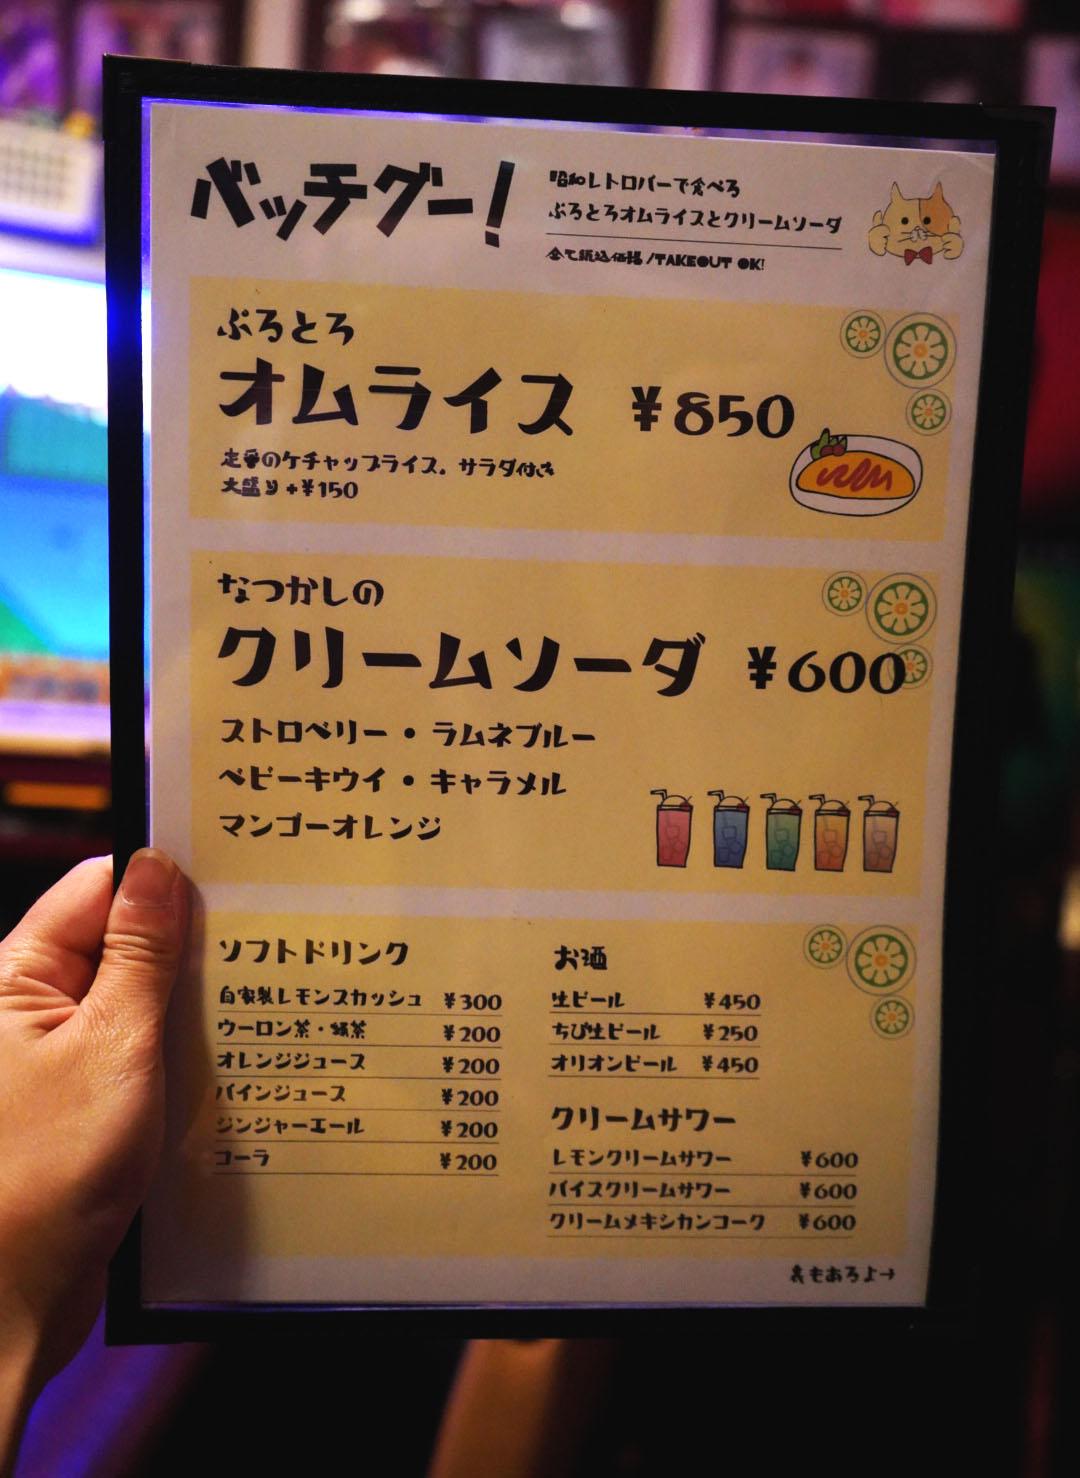 名古屋・栄に新オープン!オムライス×クリームソーダが楽しめる隠れ家店「バッチグー!」で幸せを食べてきました - DSC01933